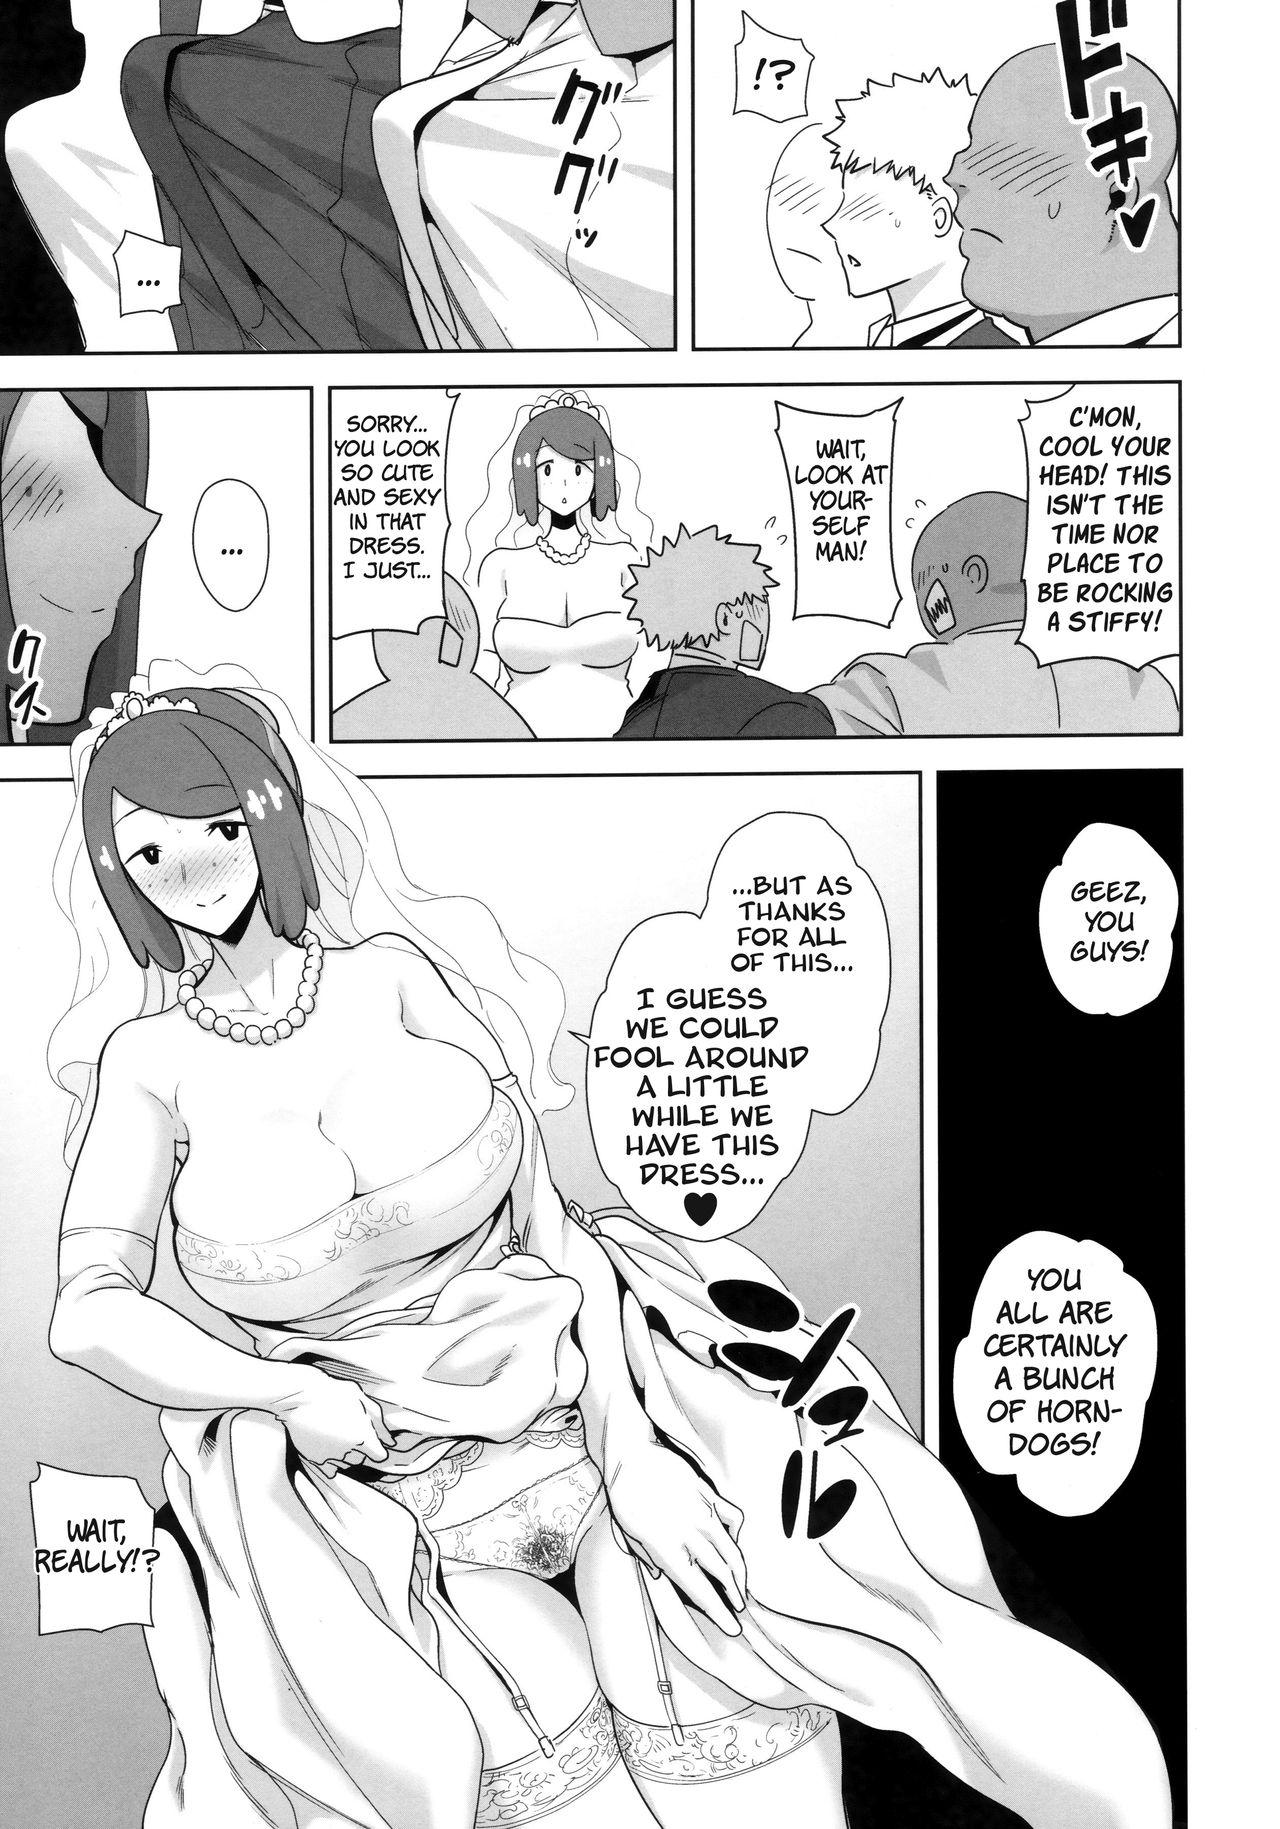 Alola no Yoru no Sugata 6 | Alolan Form: After Dark 6 7